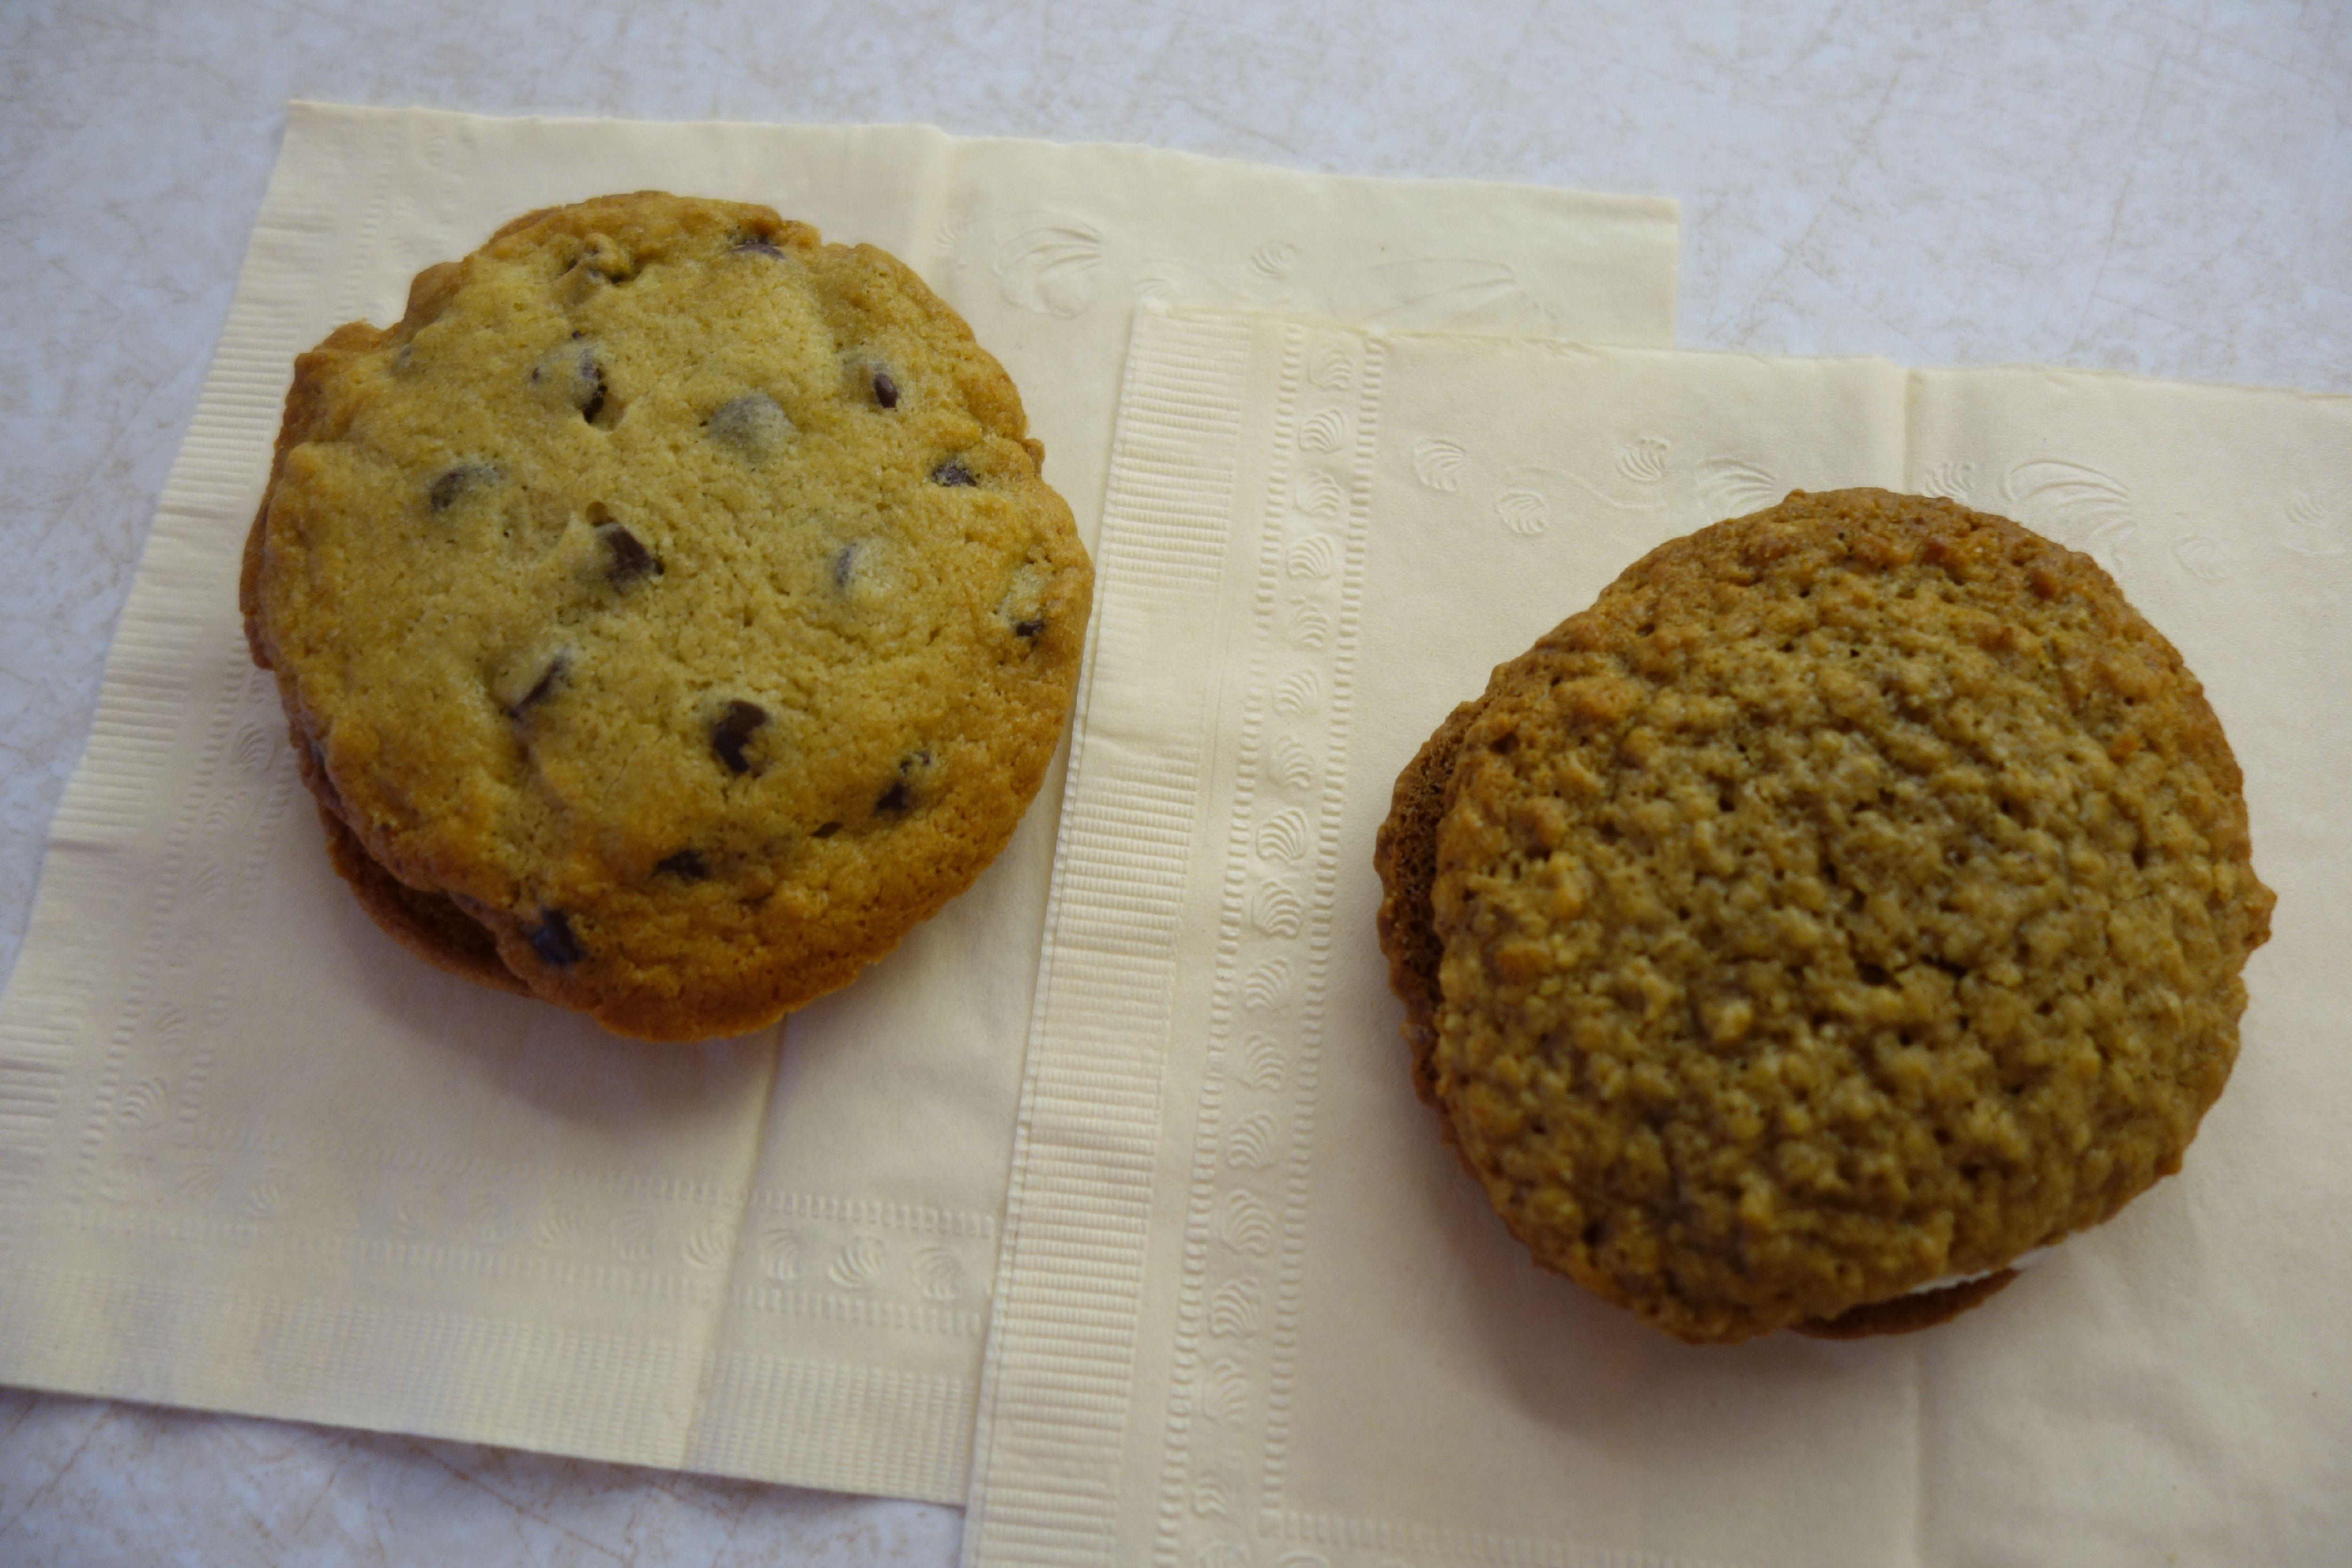 Chocolate Chip Whoopie Pie / Oatmeal Raisin Whoopie Pie